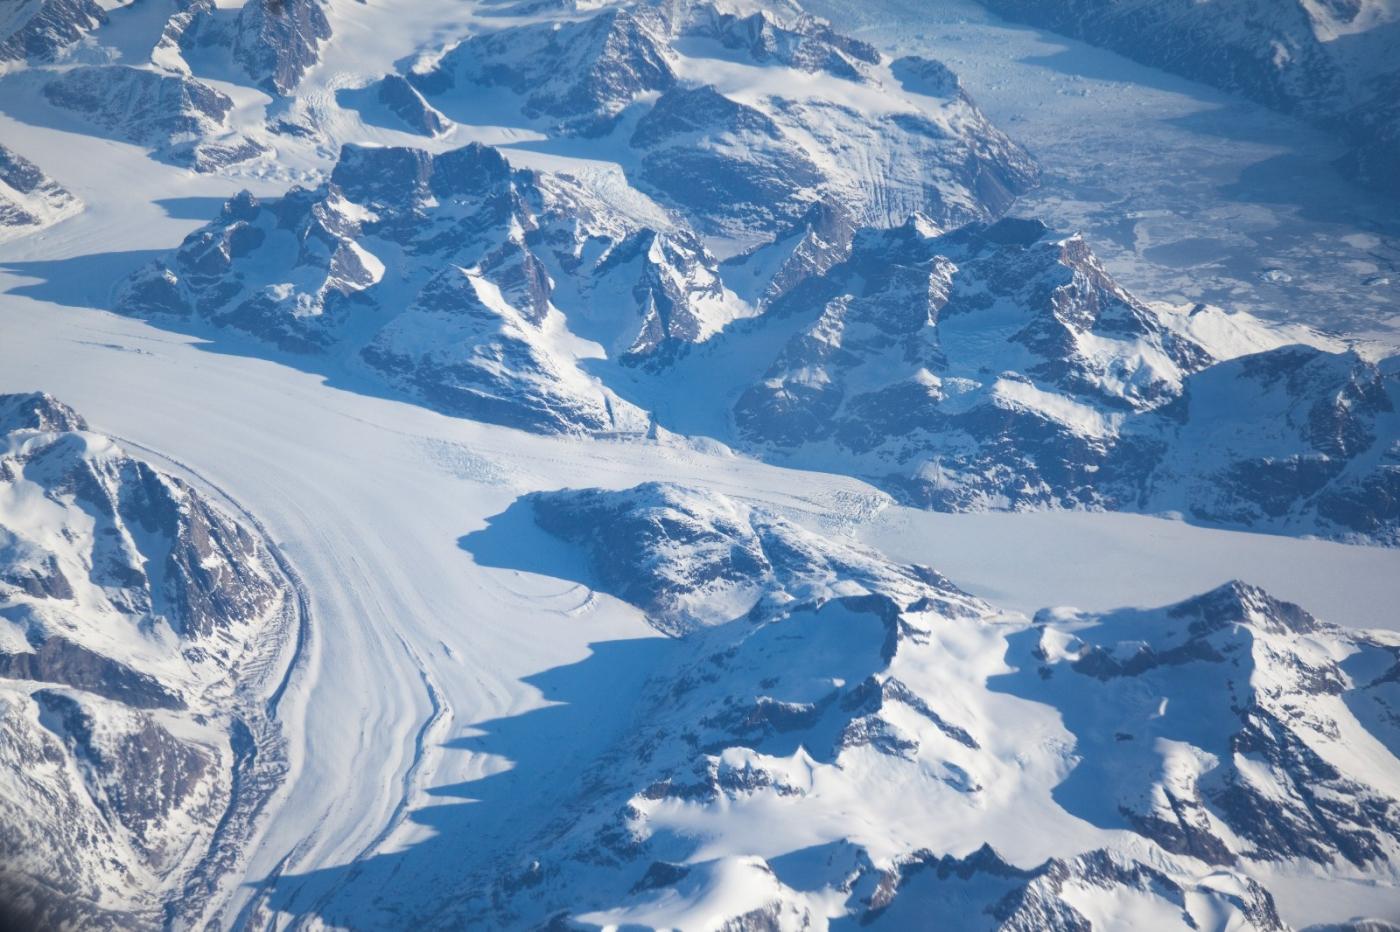 从纽约乘wow班机赴冰岛旅游,从班机的窗口看到:白云翻滚,赏心悦目,堪比黄山之云海 ..._图1-5